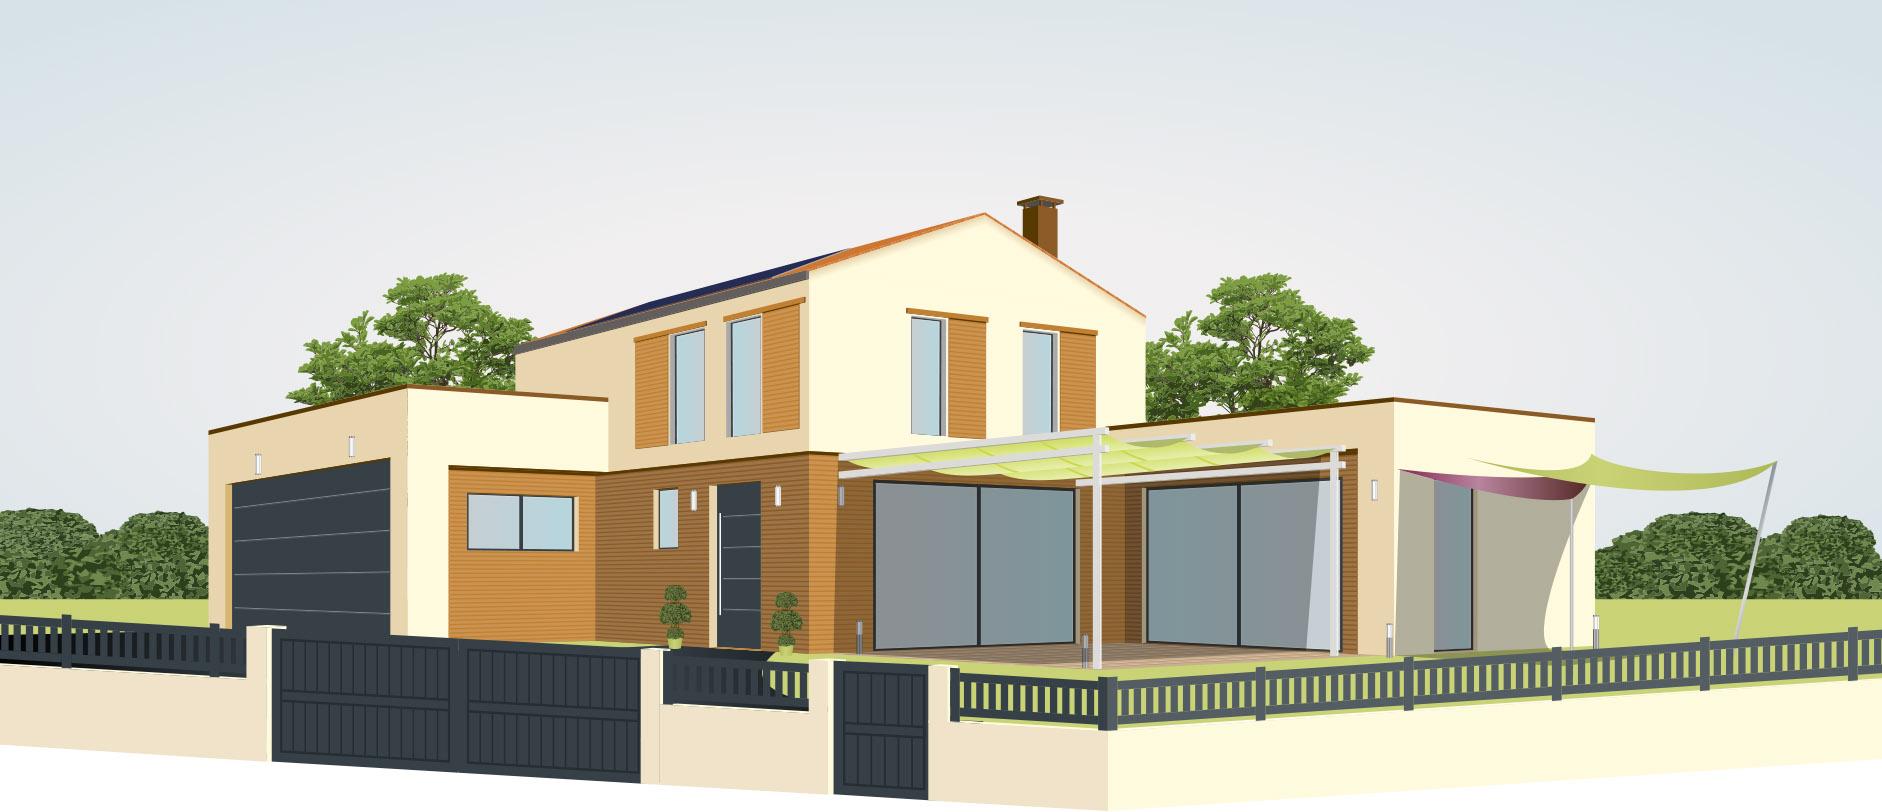 Maison moderne avec installation alu dans le Battenheim (68)   Fermetures Vonthron